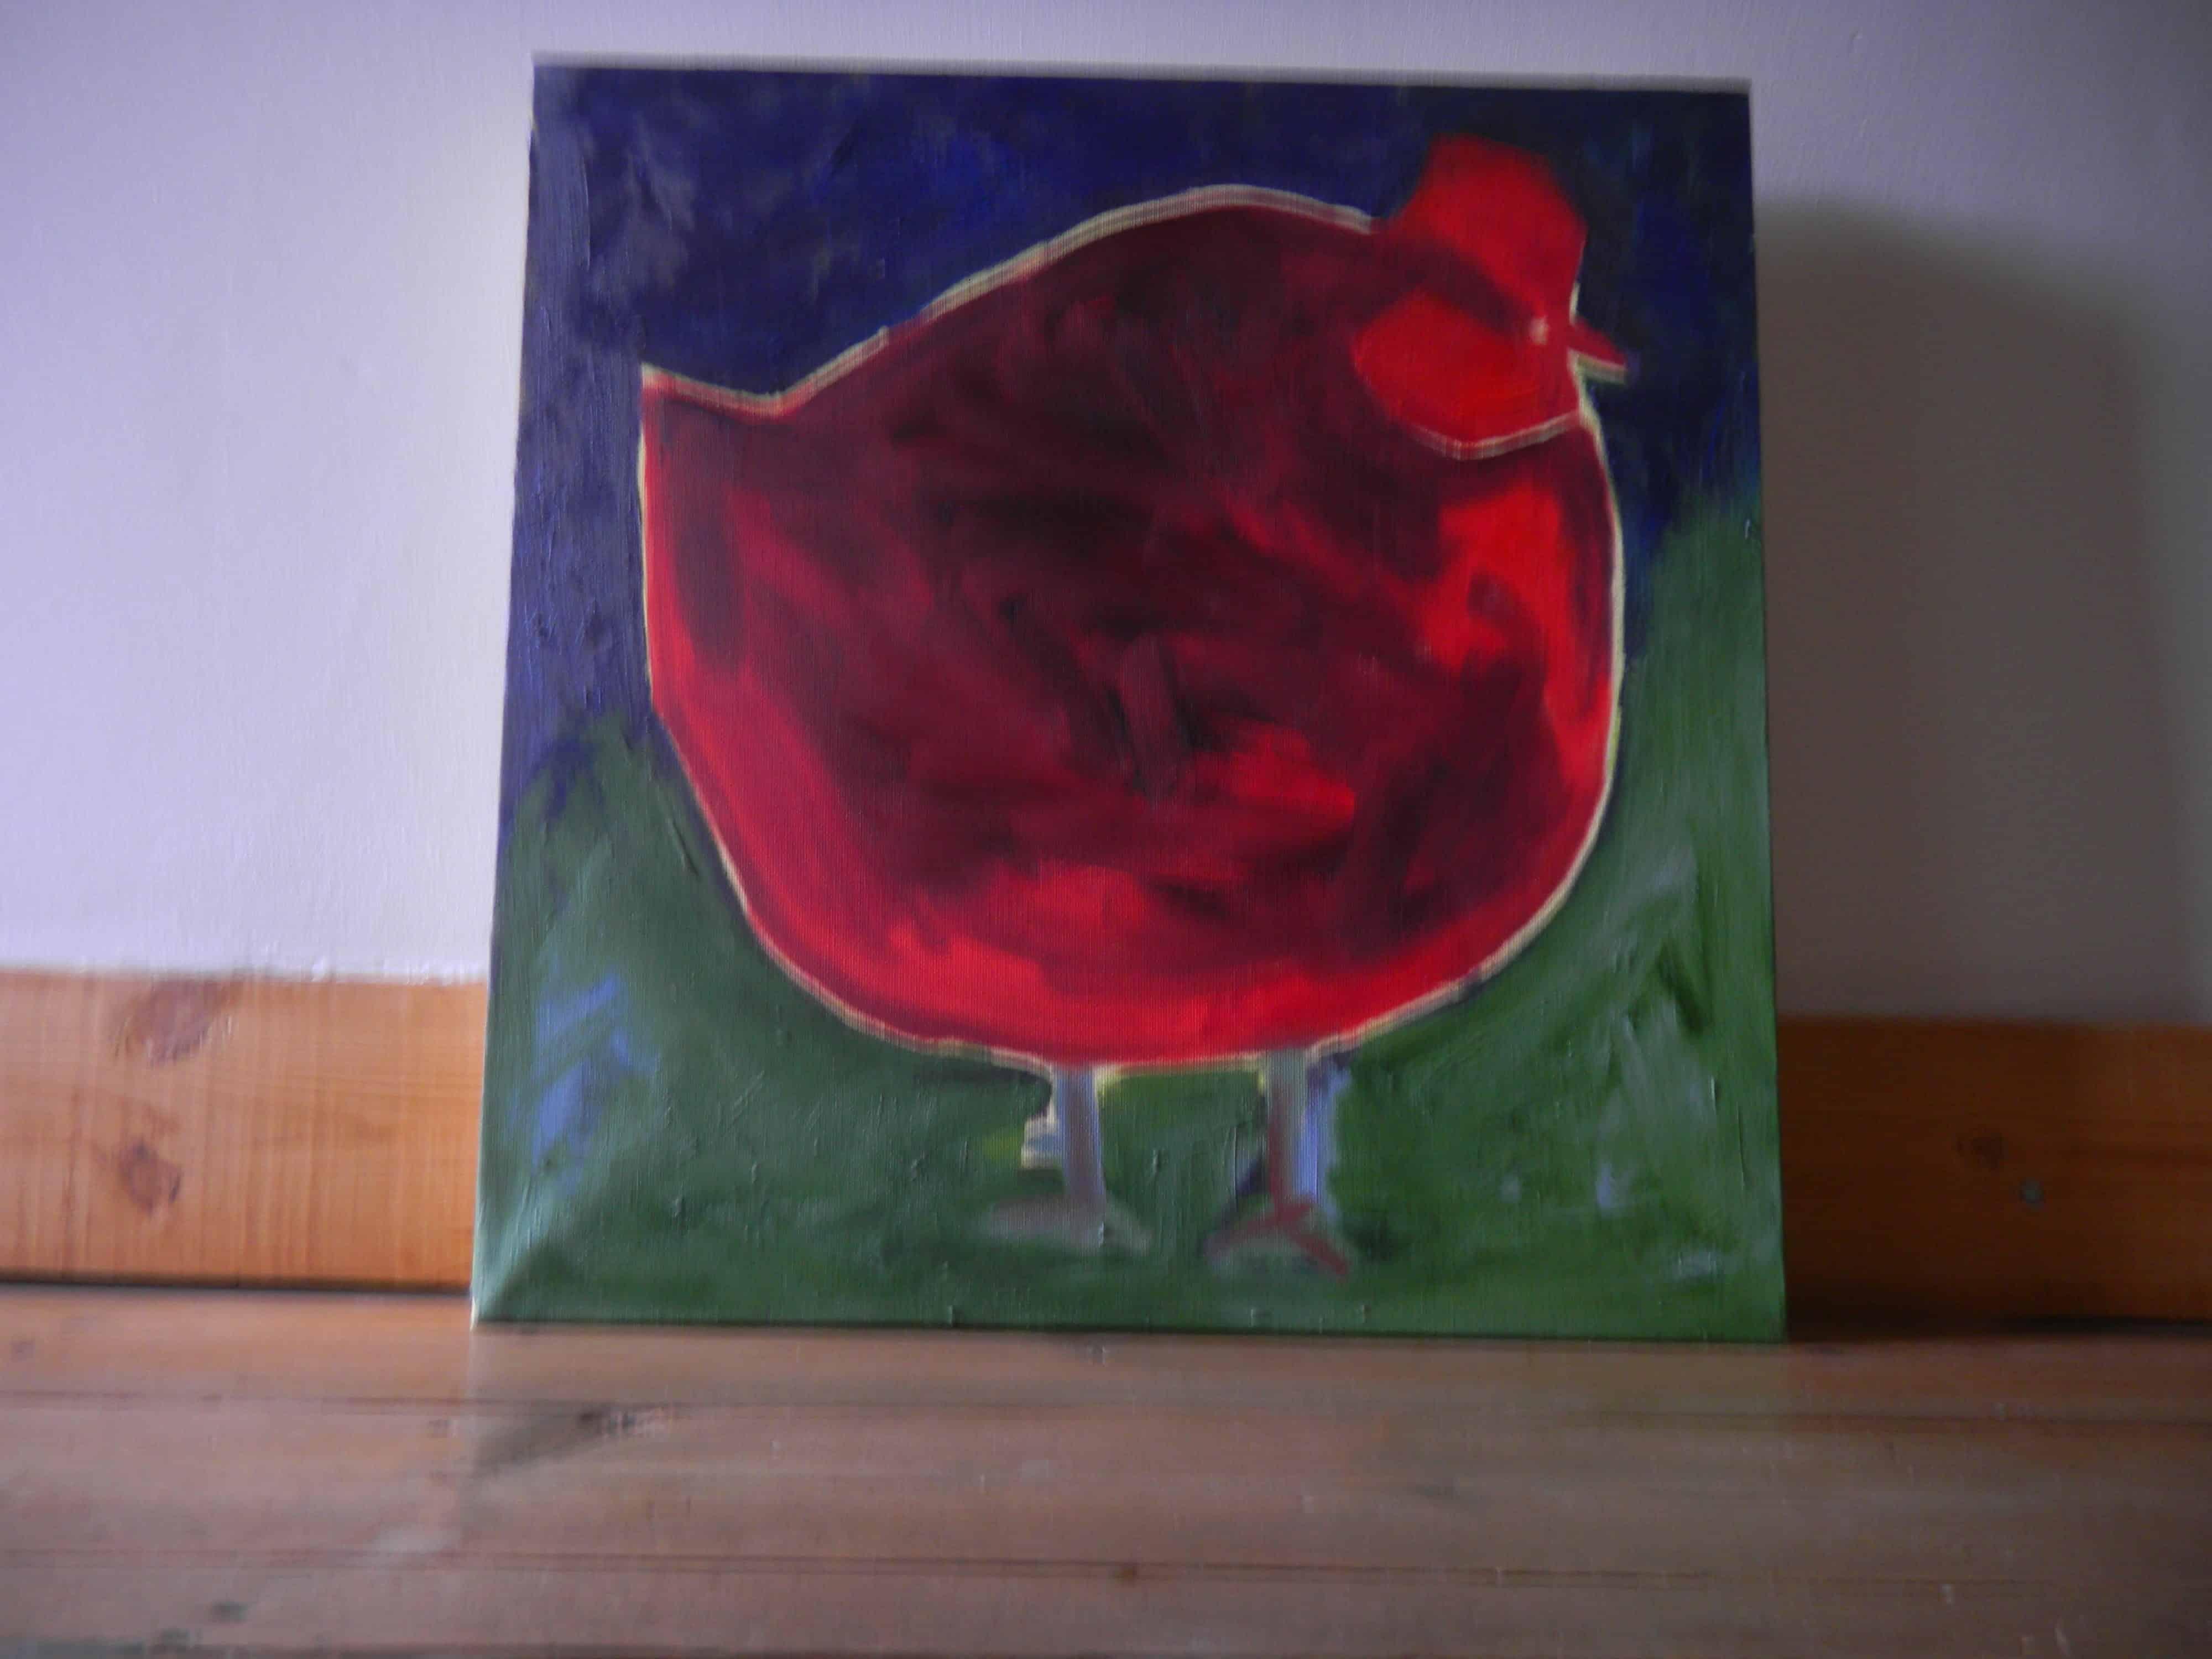 Louise.h peinture poule rouge 2